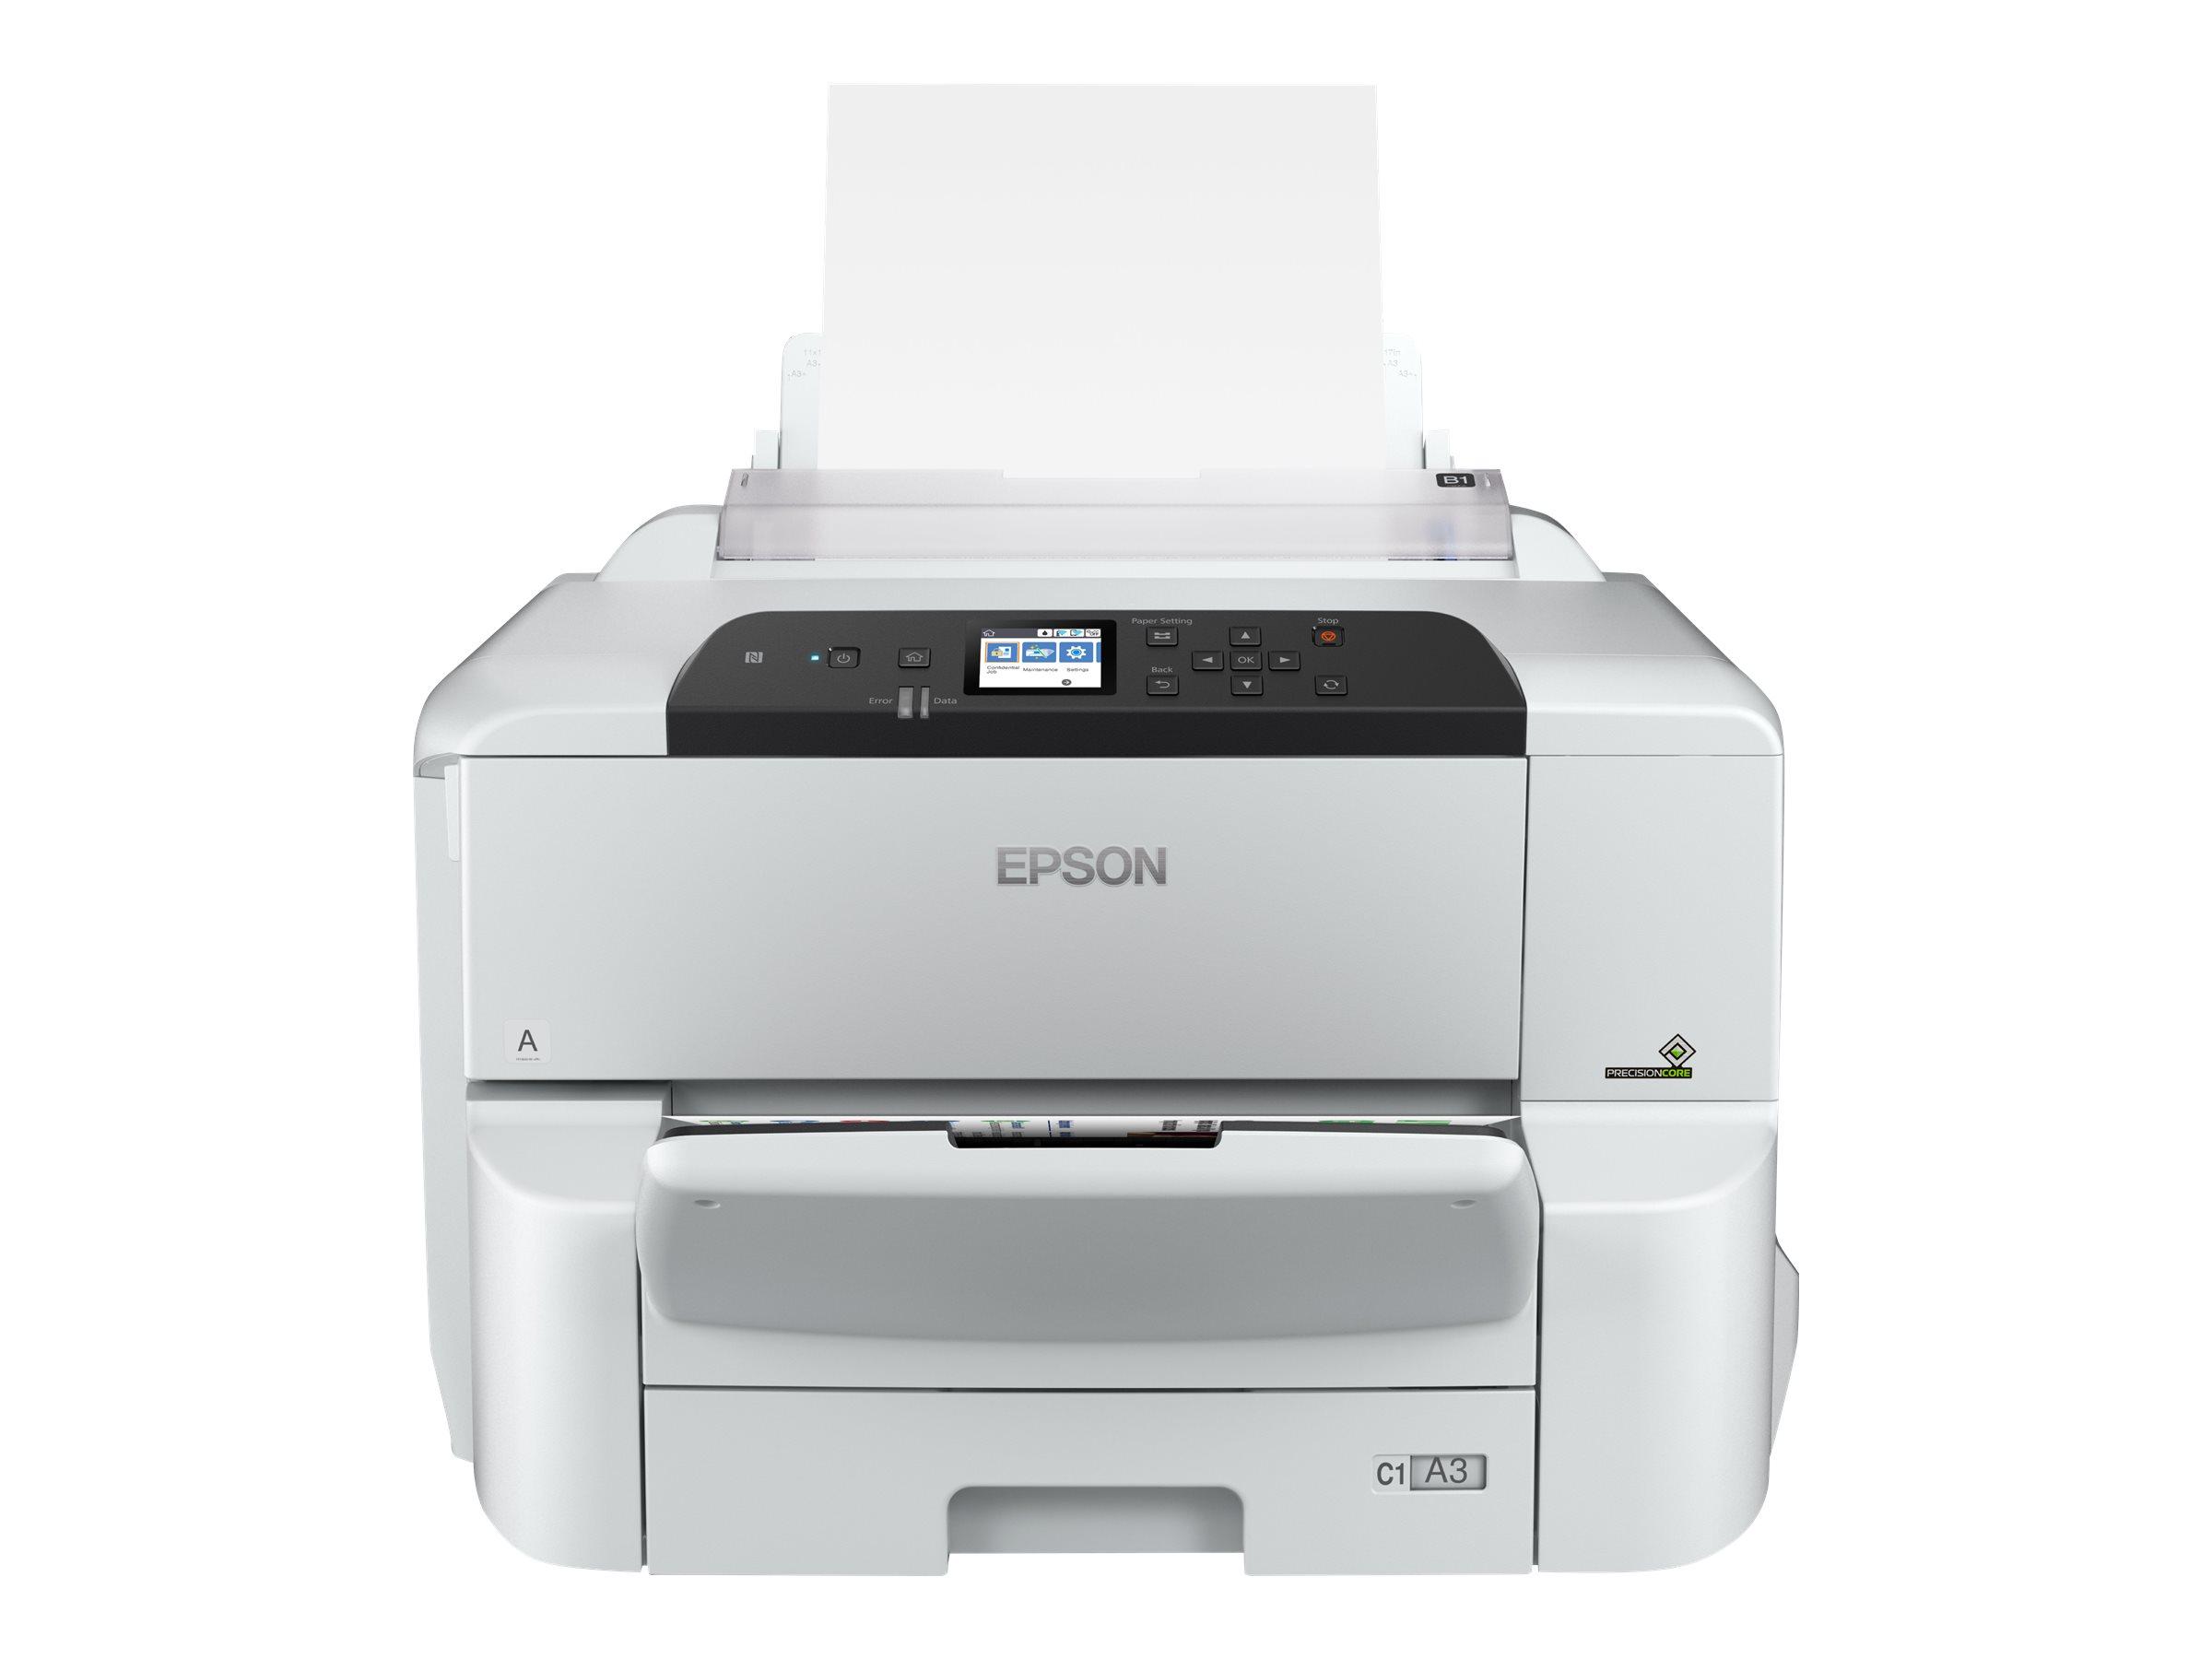 Epson WorkForce Pro WF-C8190DW - Drucker - Farbe - Duplex - Tintenstrahl - A3